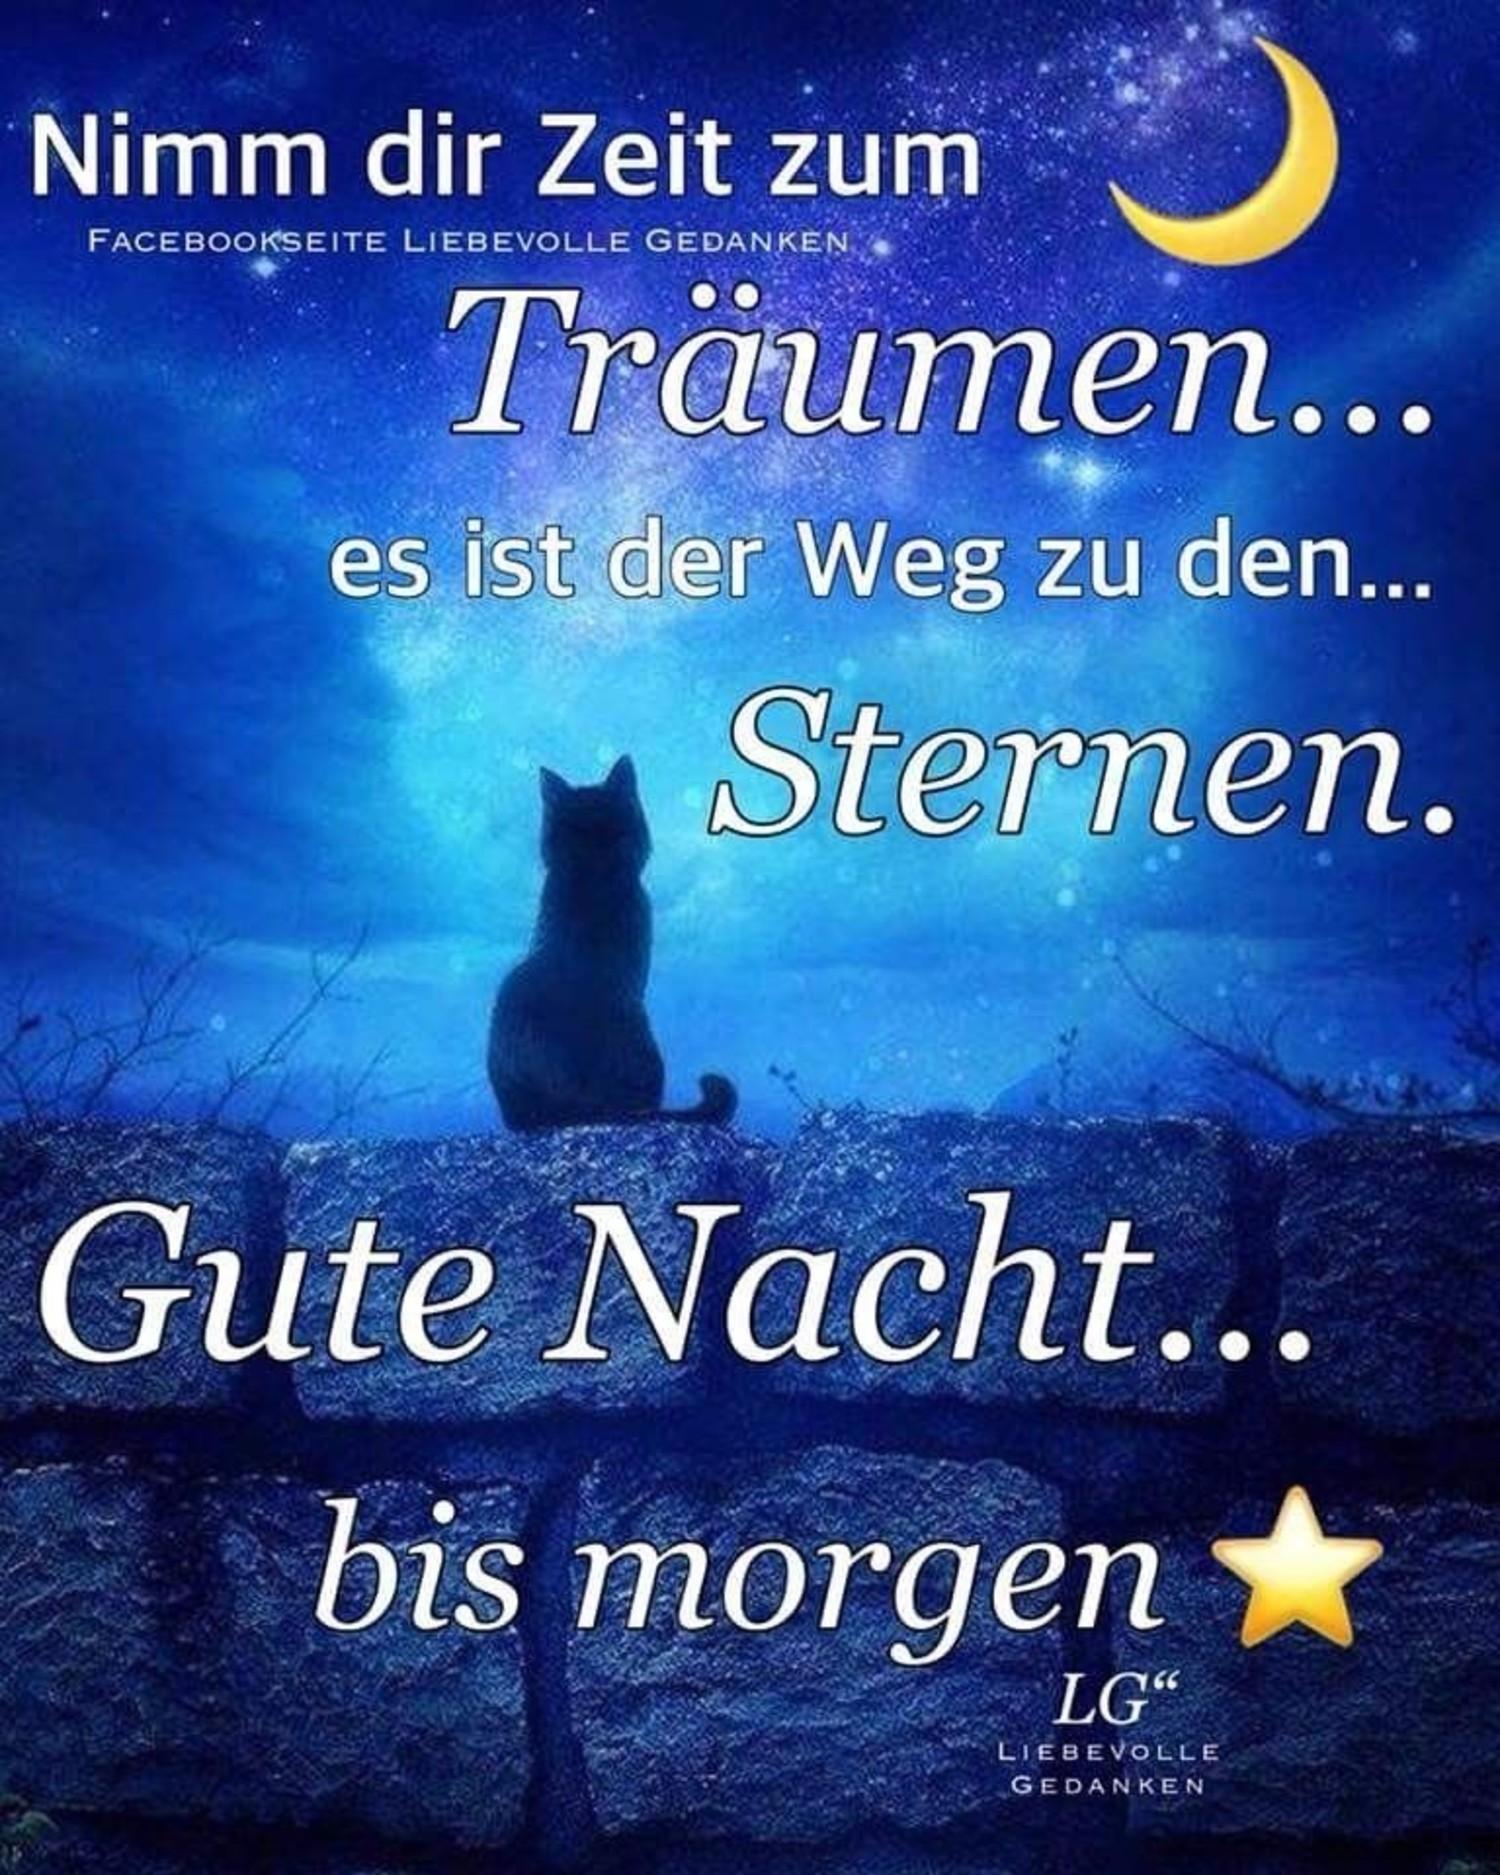 Bilder Gute Nacht und süsse träume 988 - GBPicsBilder.com